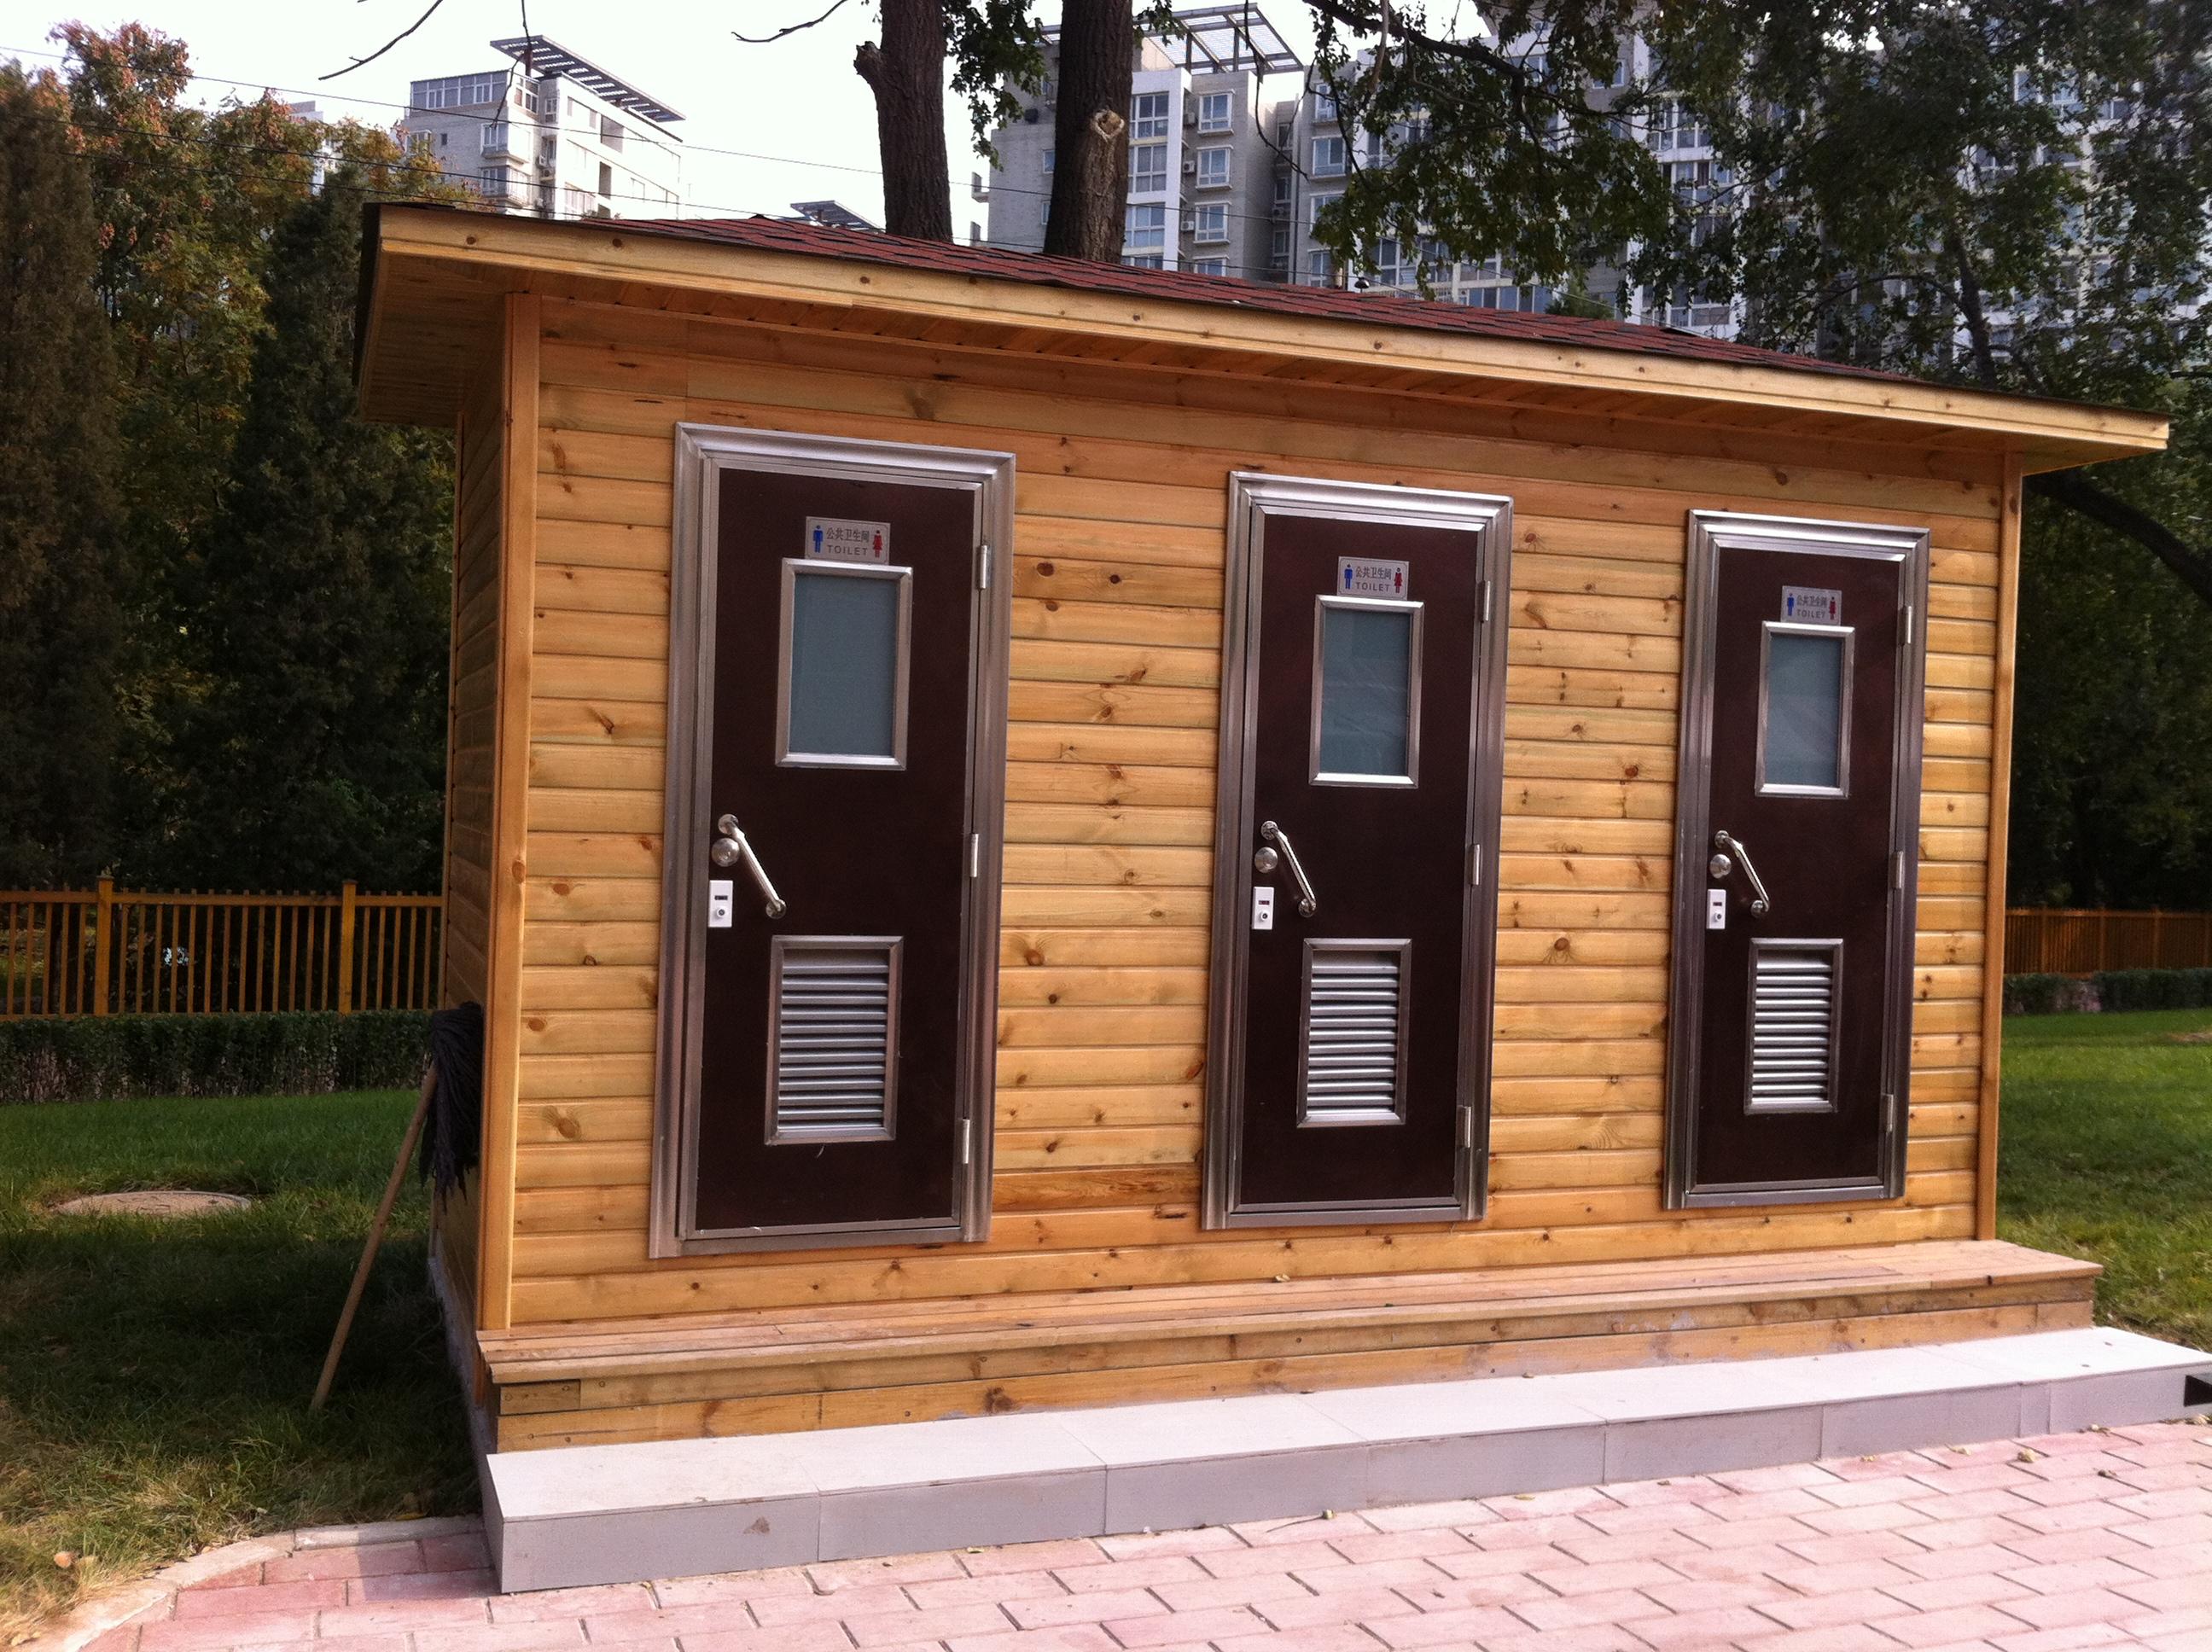 青少年宫新址为迎接大批家长和小学生,采购雨施捷防腐木生态厕所